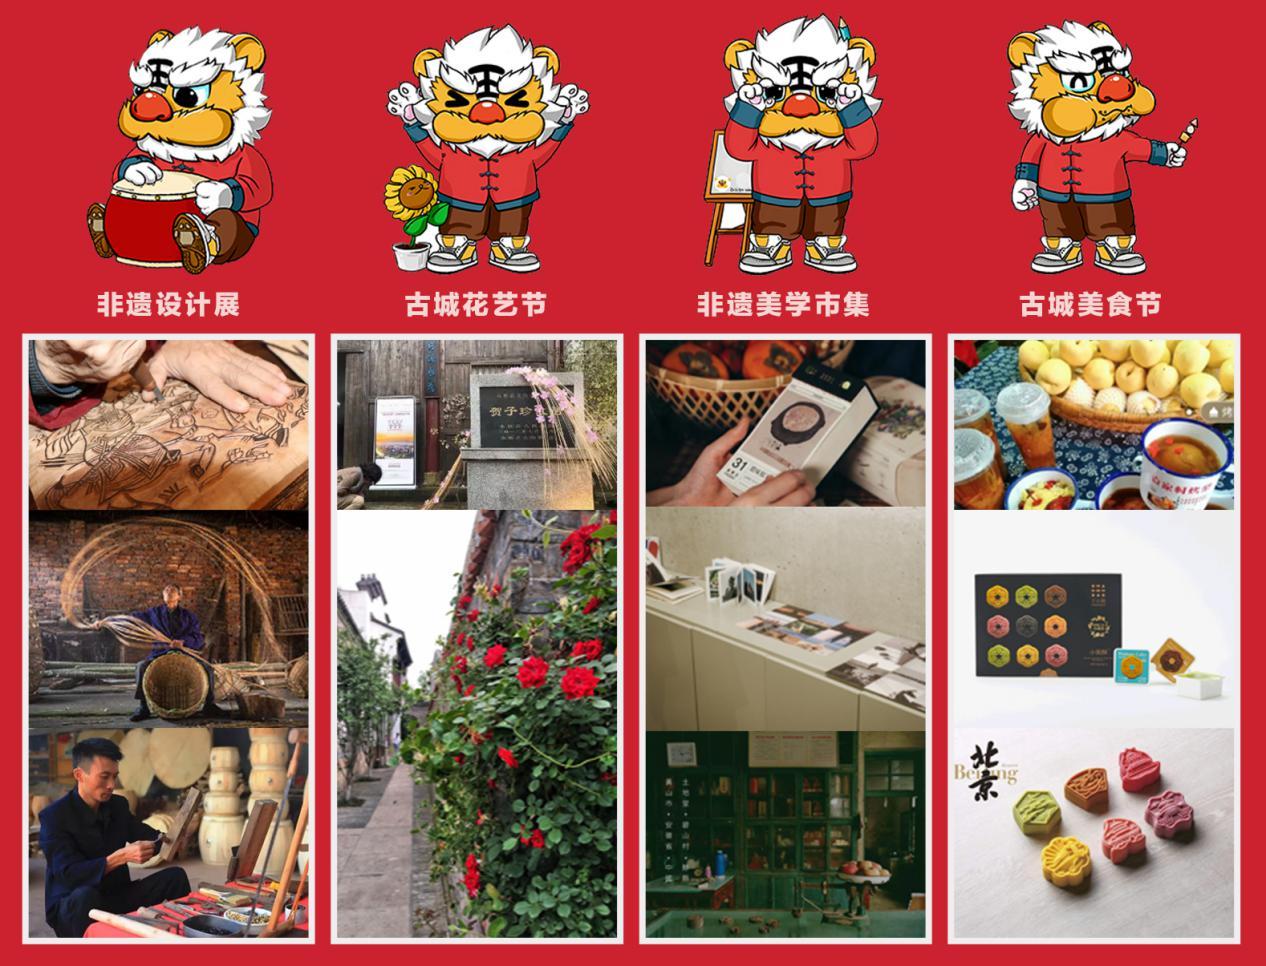 重见·永新 中国首个非遗设计周落地永新古城